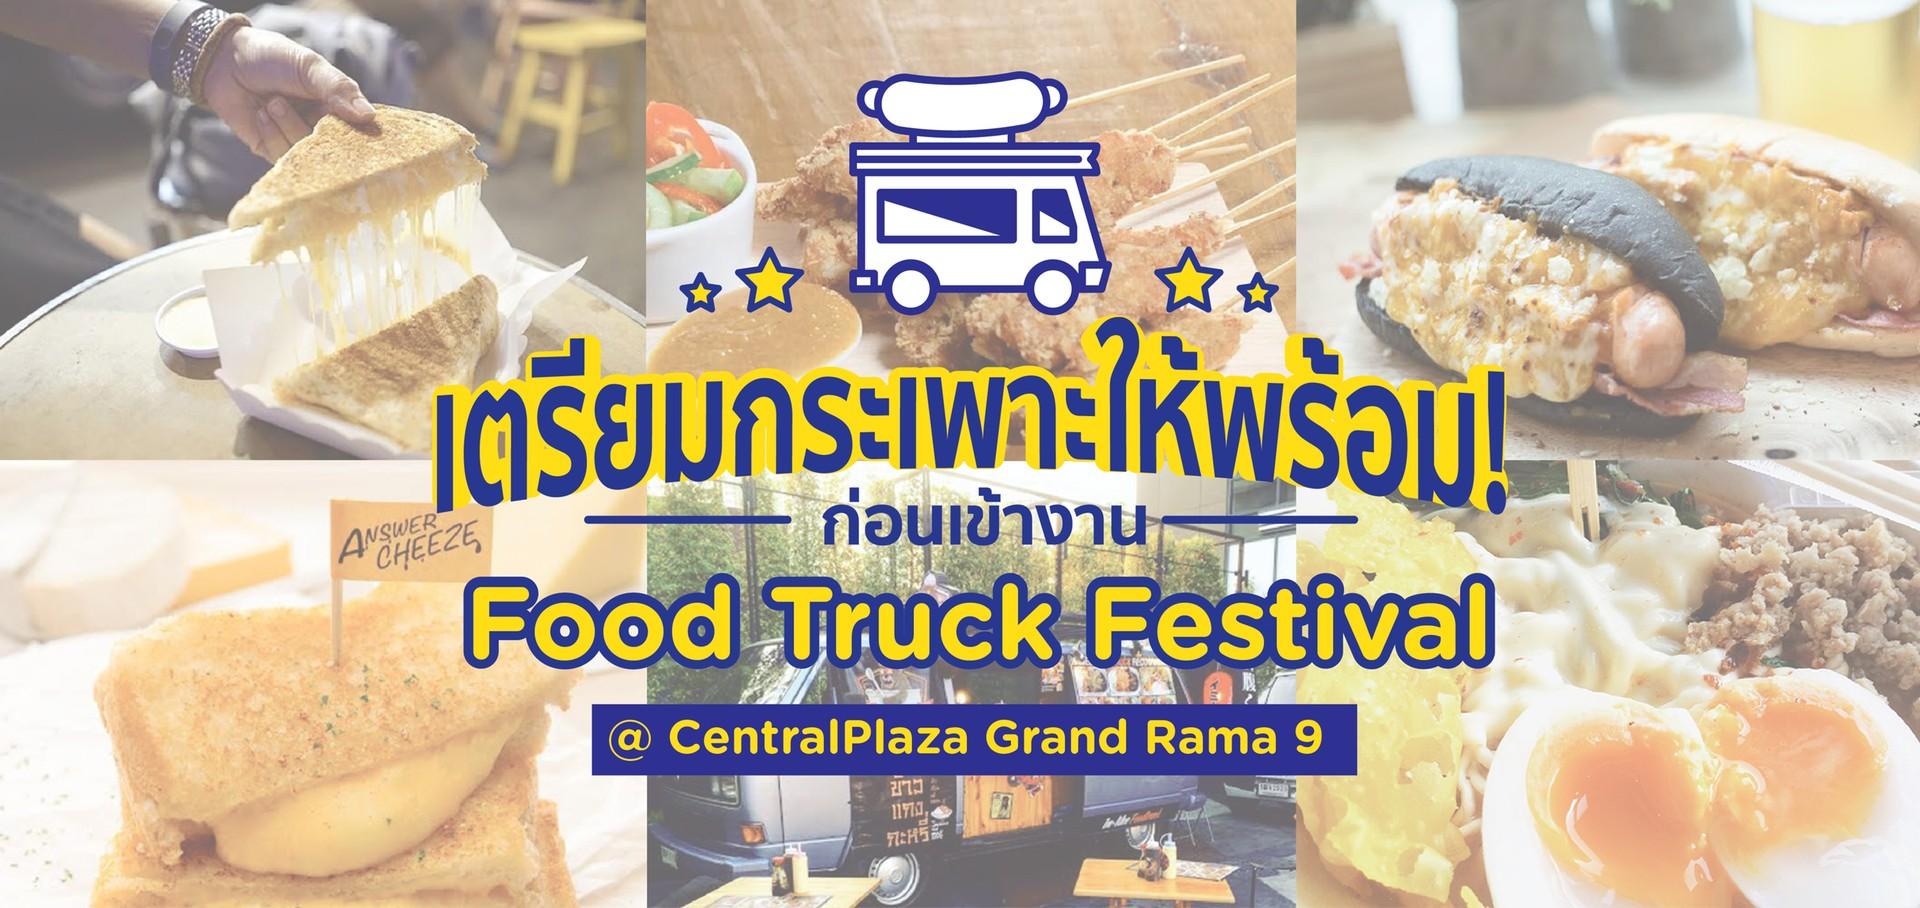 เตรียมกระเพาะให้พร้อม! ก่อนเข้างาน Food Truck Festival